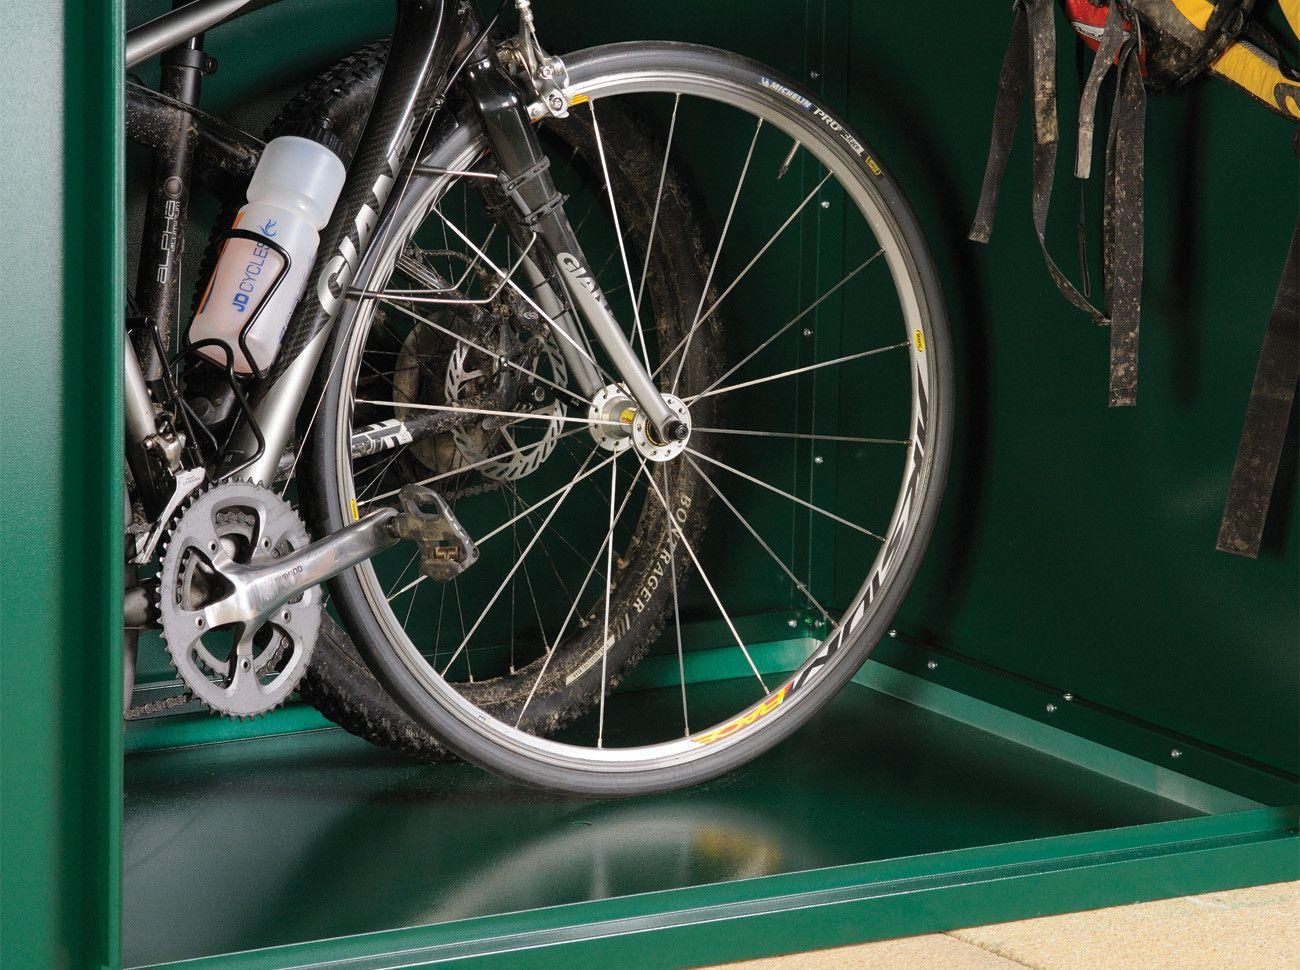 Bike Shed X3 Bike Shed Bicycle Bicycle Maintenance